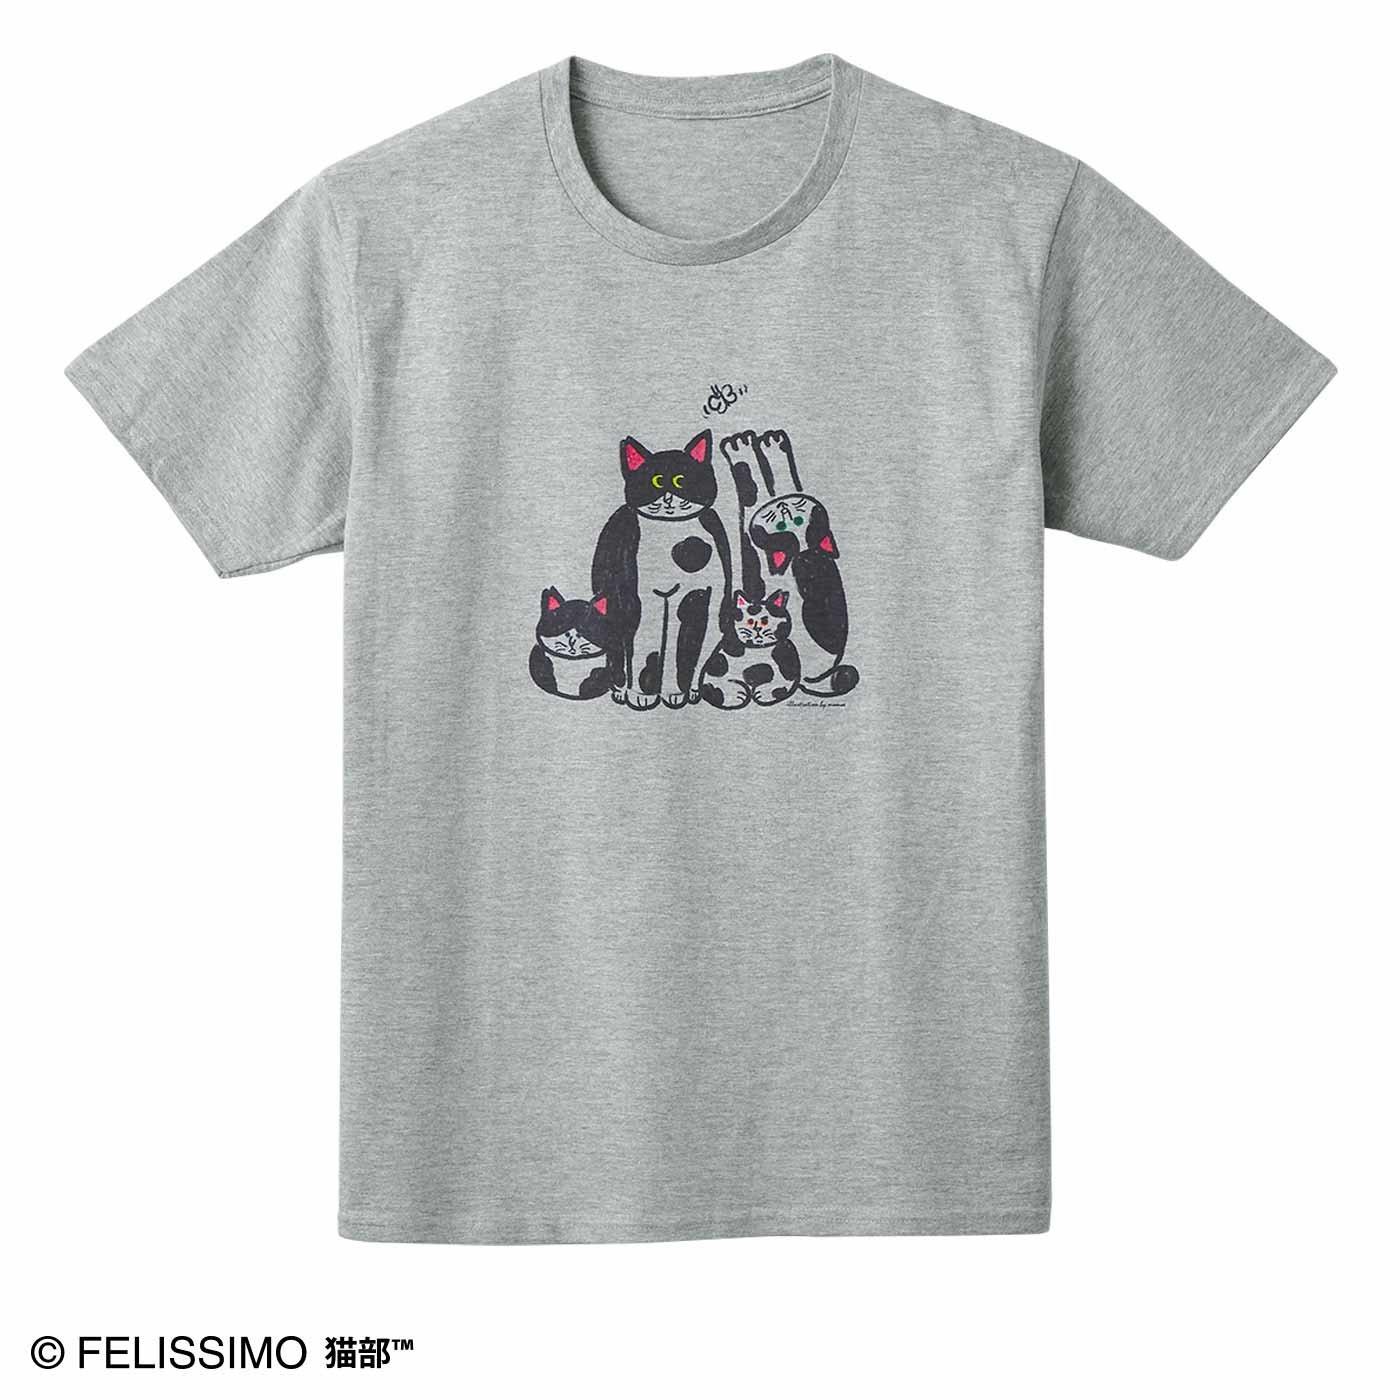 猫部×momoe 地域猫チャリティーTシャツ2020